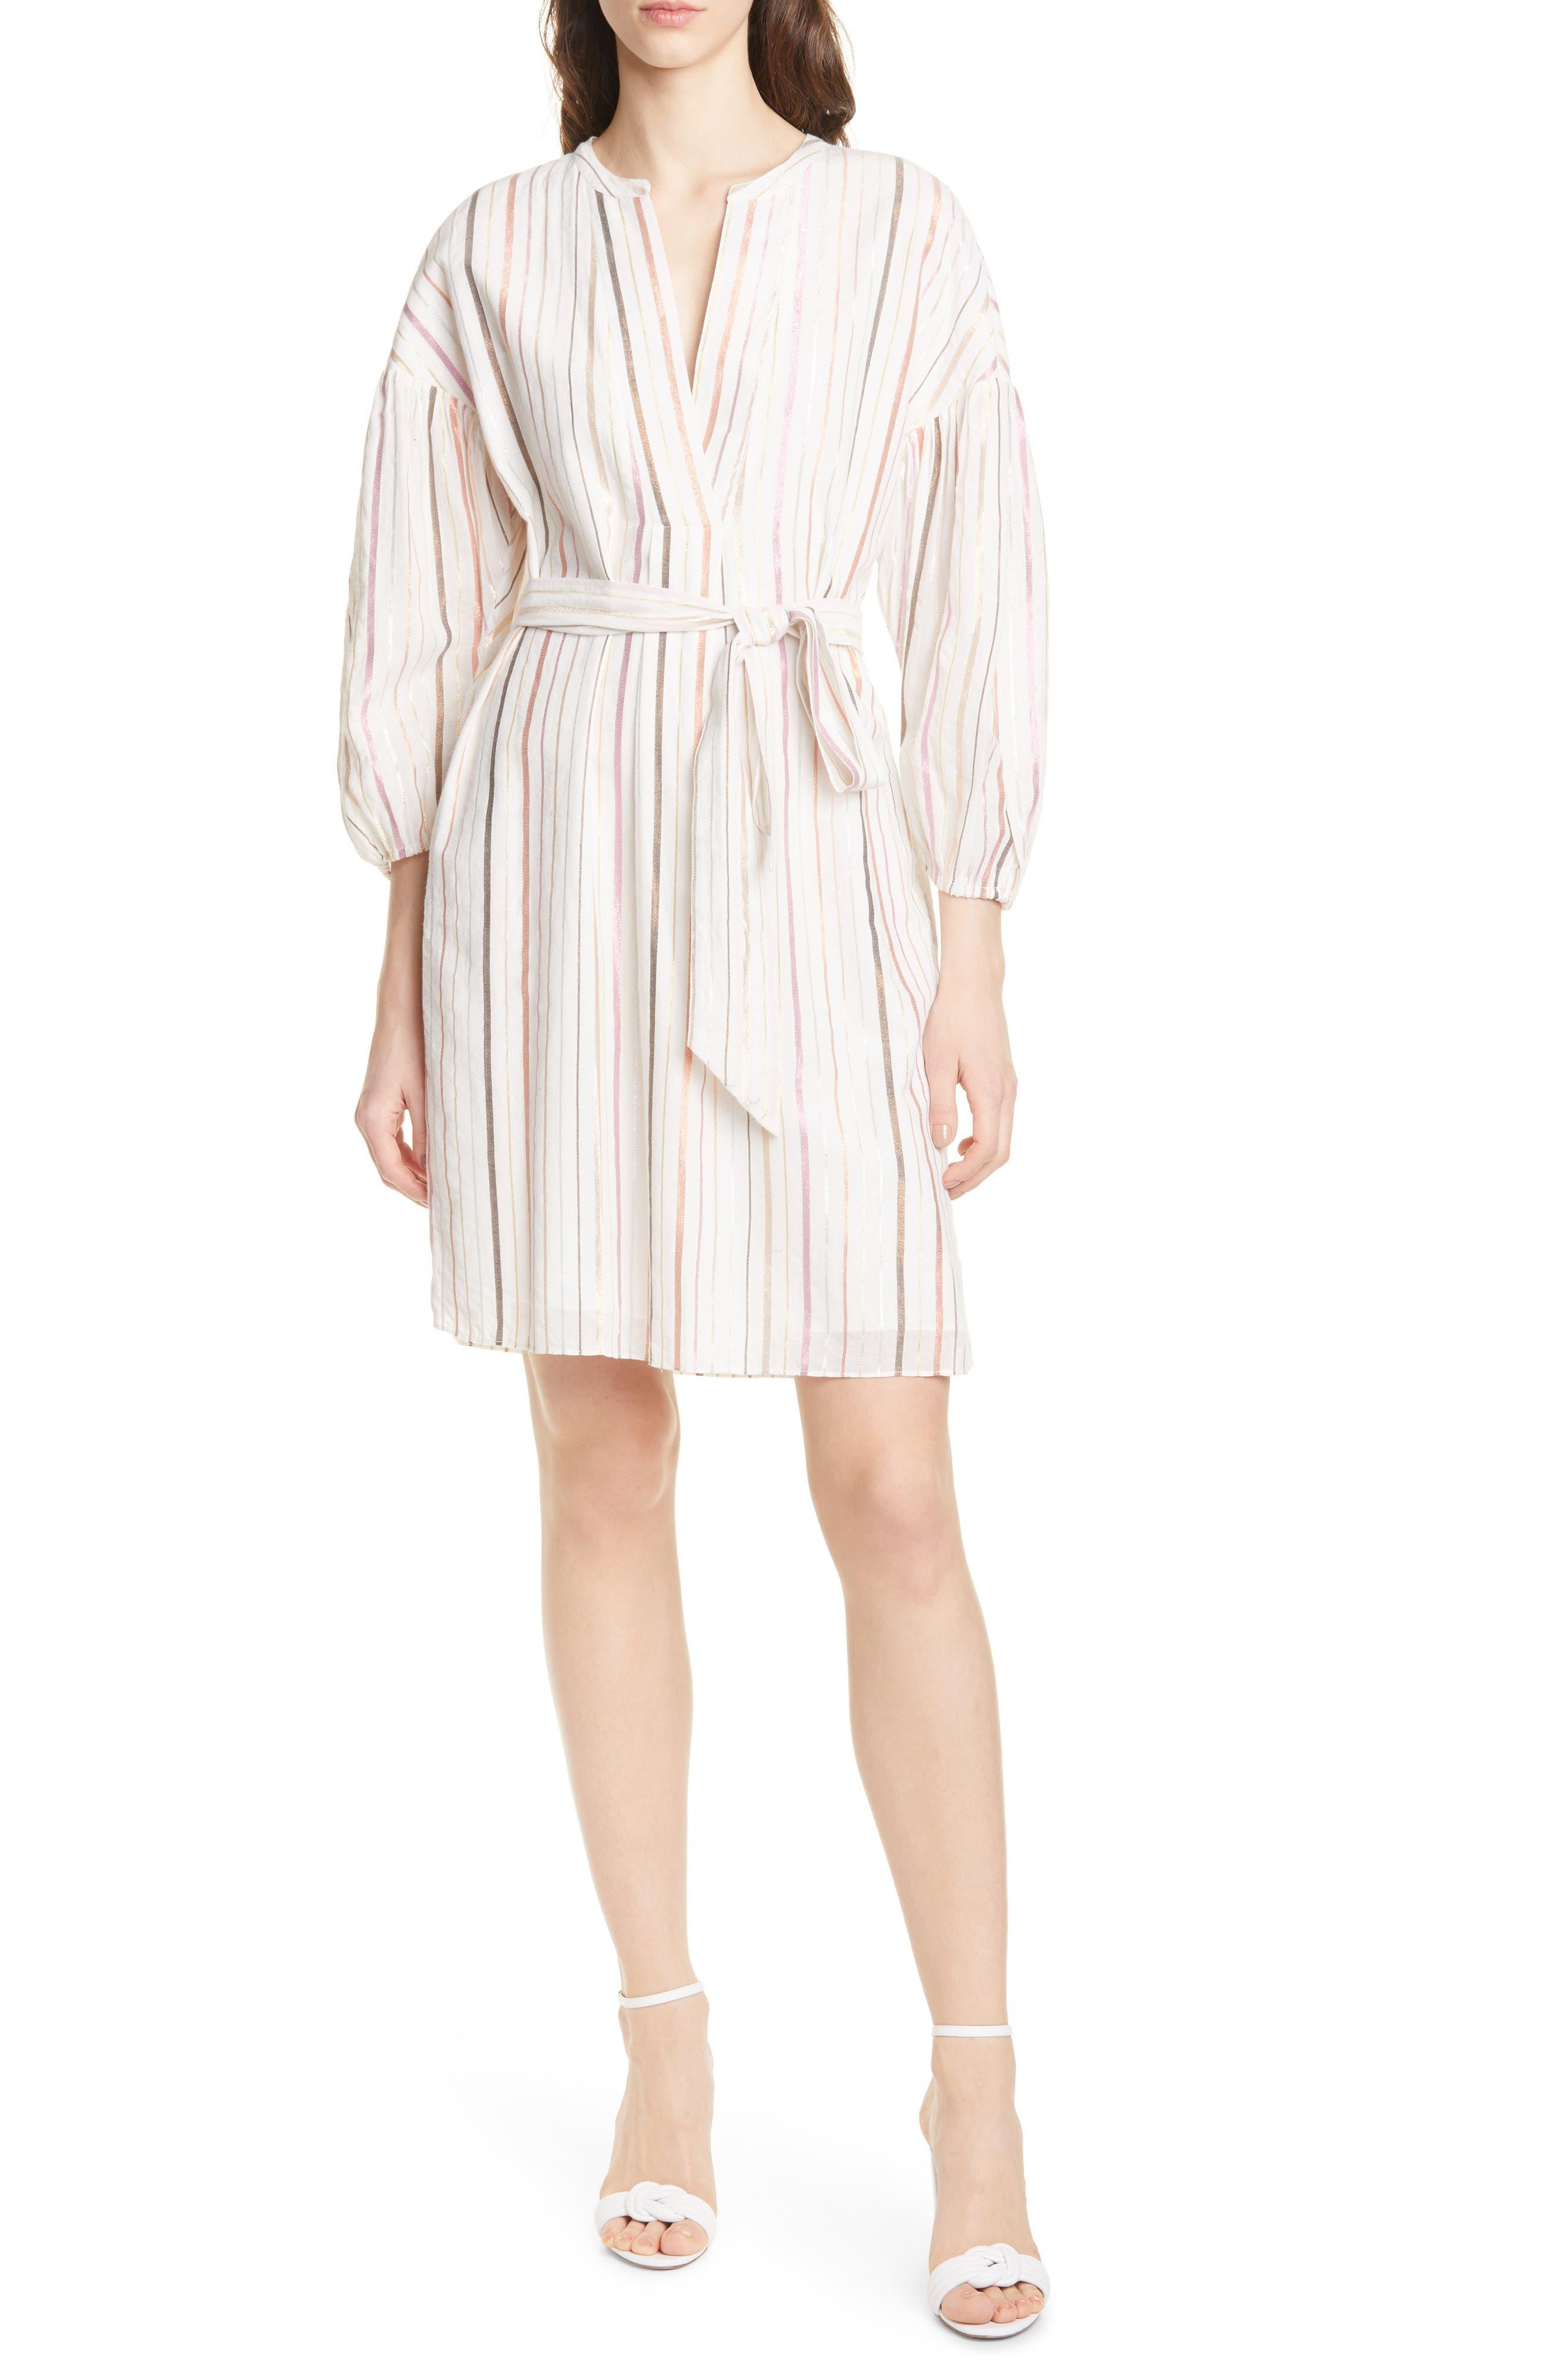 Joie Semra Stripe Cotton Blend Dress, Ivory